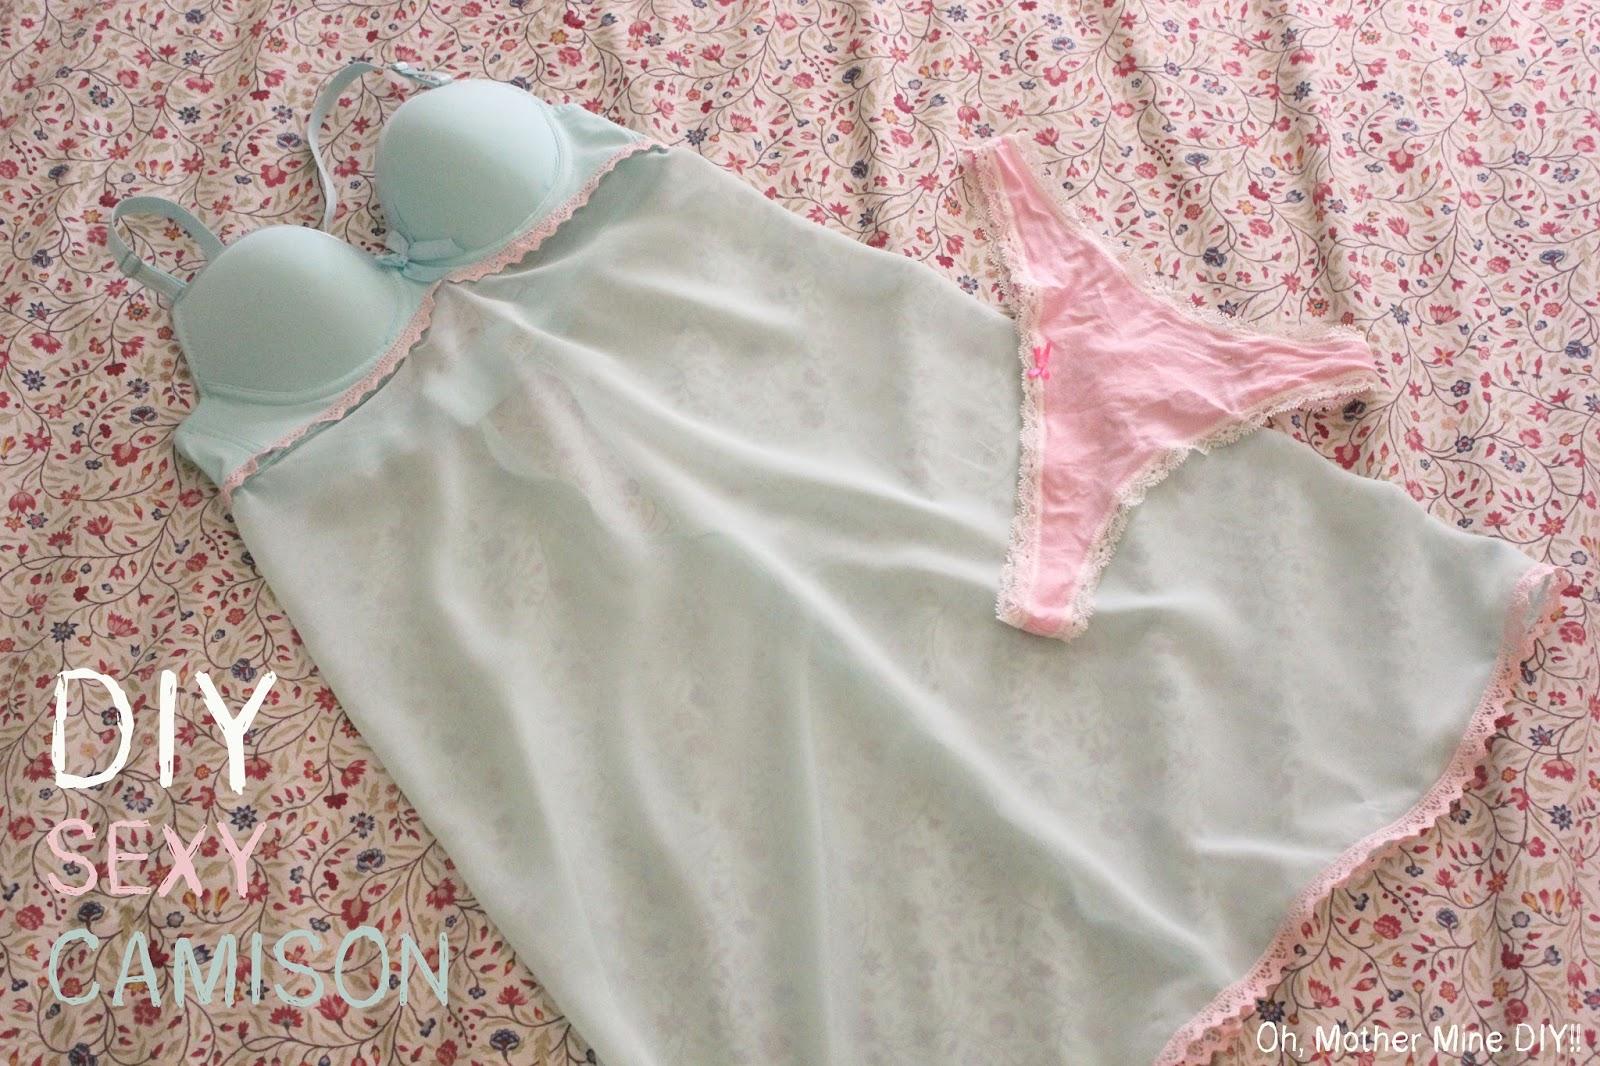 43fa88b066ce DIY Sexy: Cómo hacer ropa interior para una noche especial. - HANDBOX